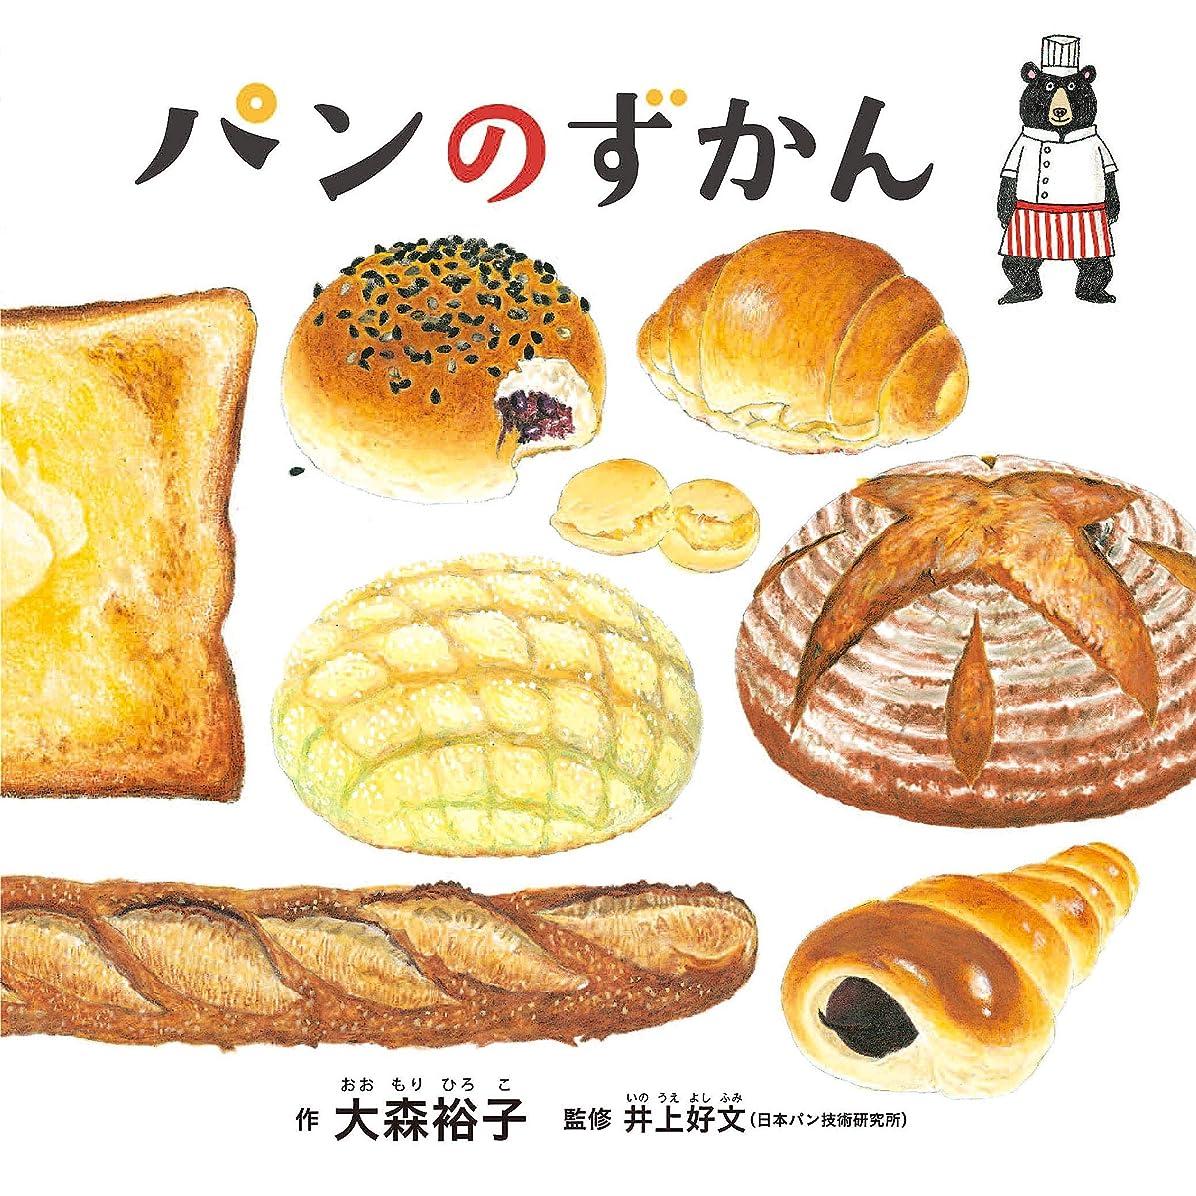 市長厚い隠すパンのずかん (コドモエのえほん)